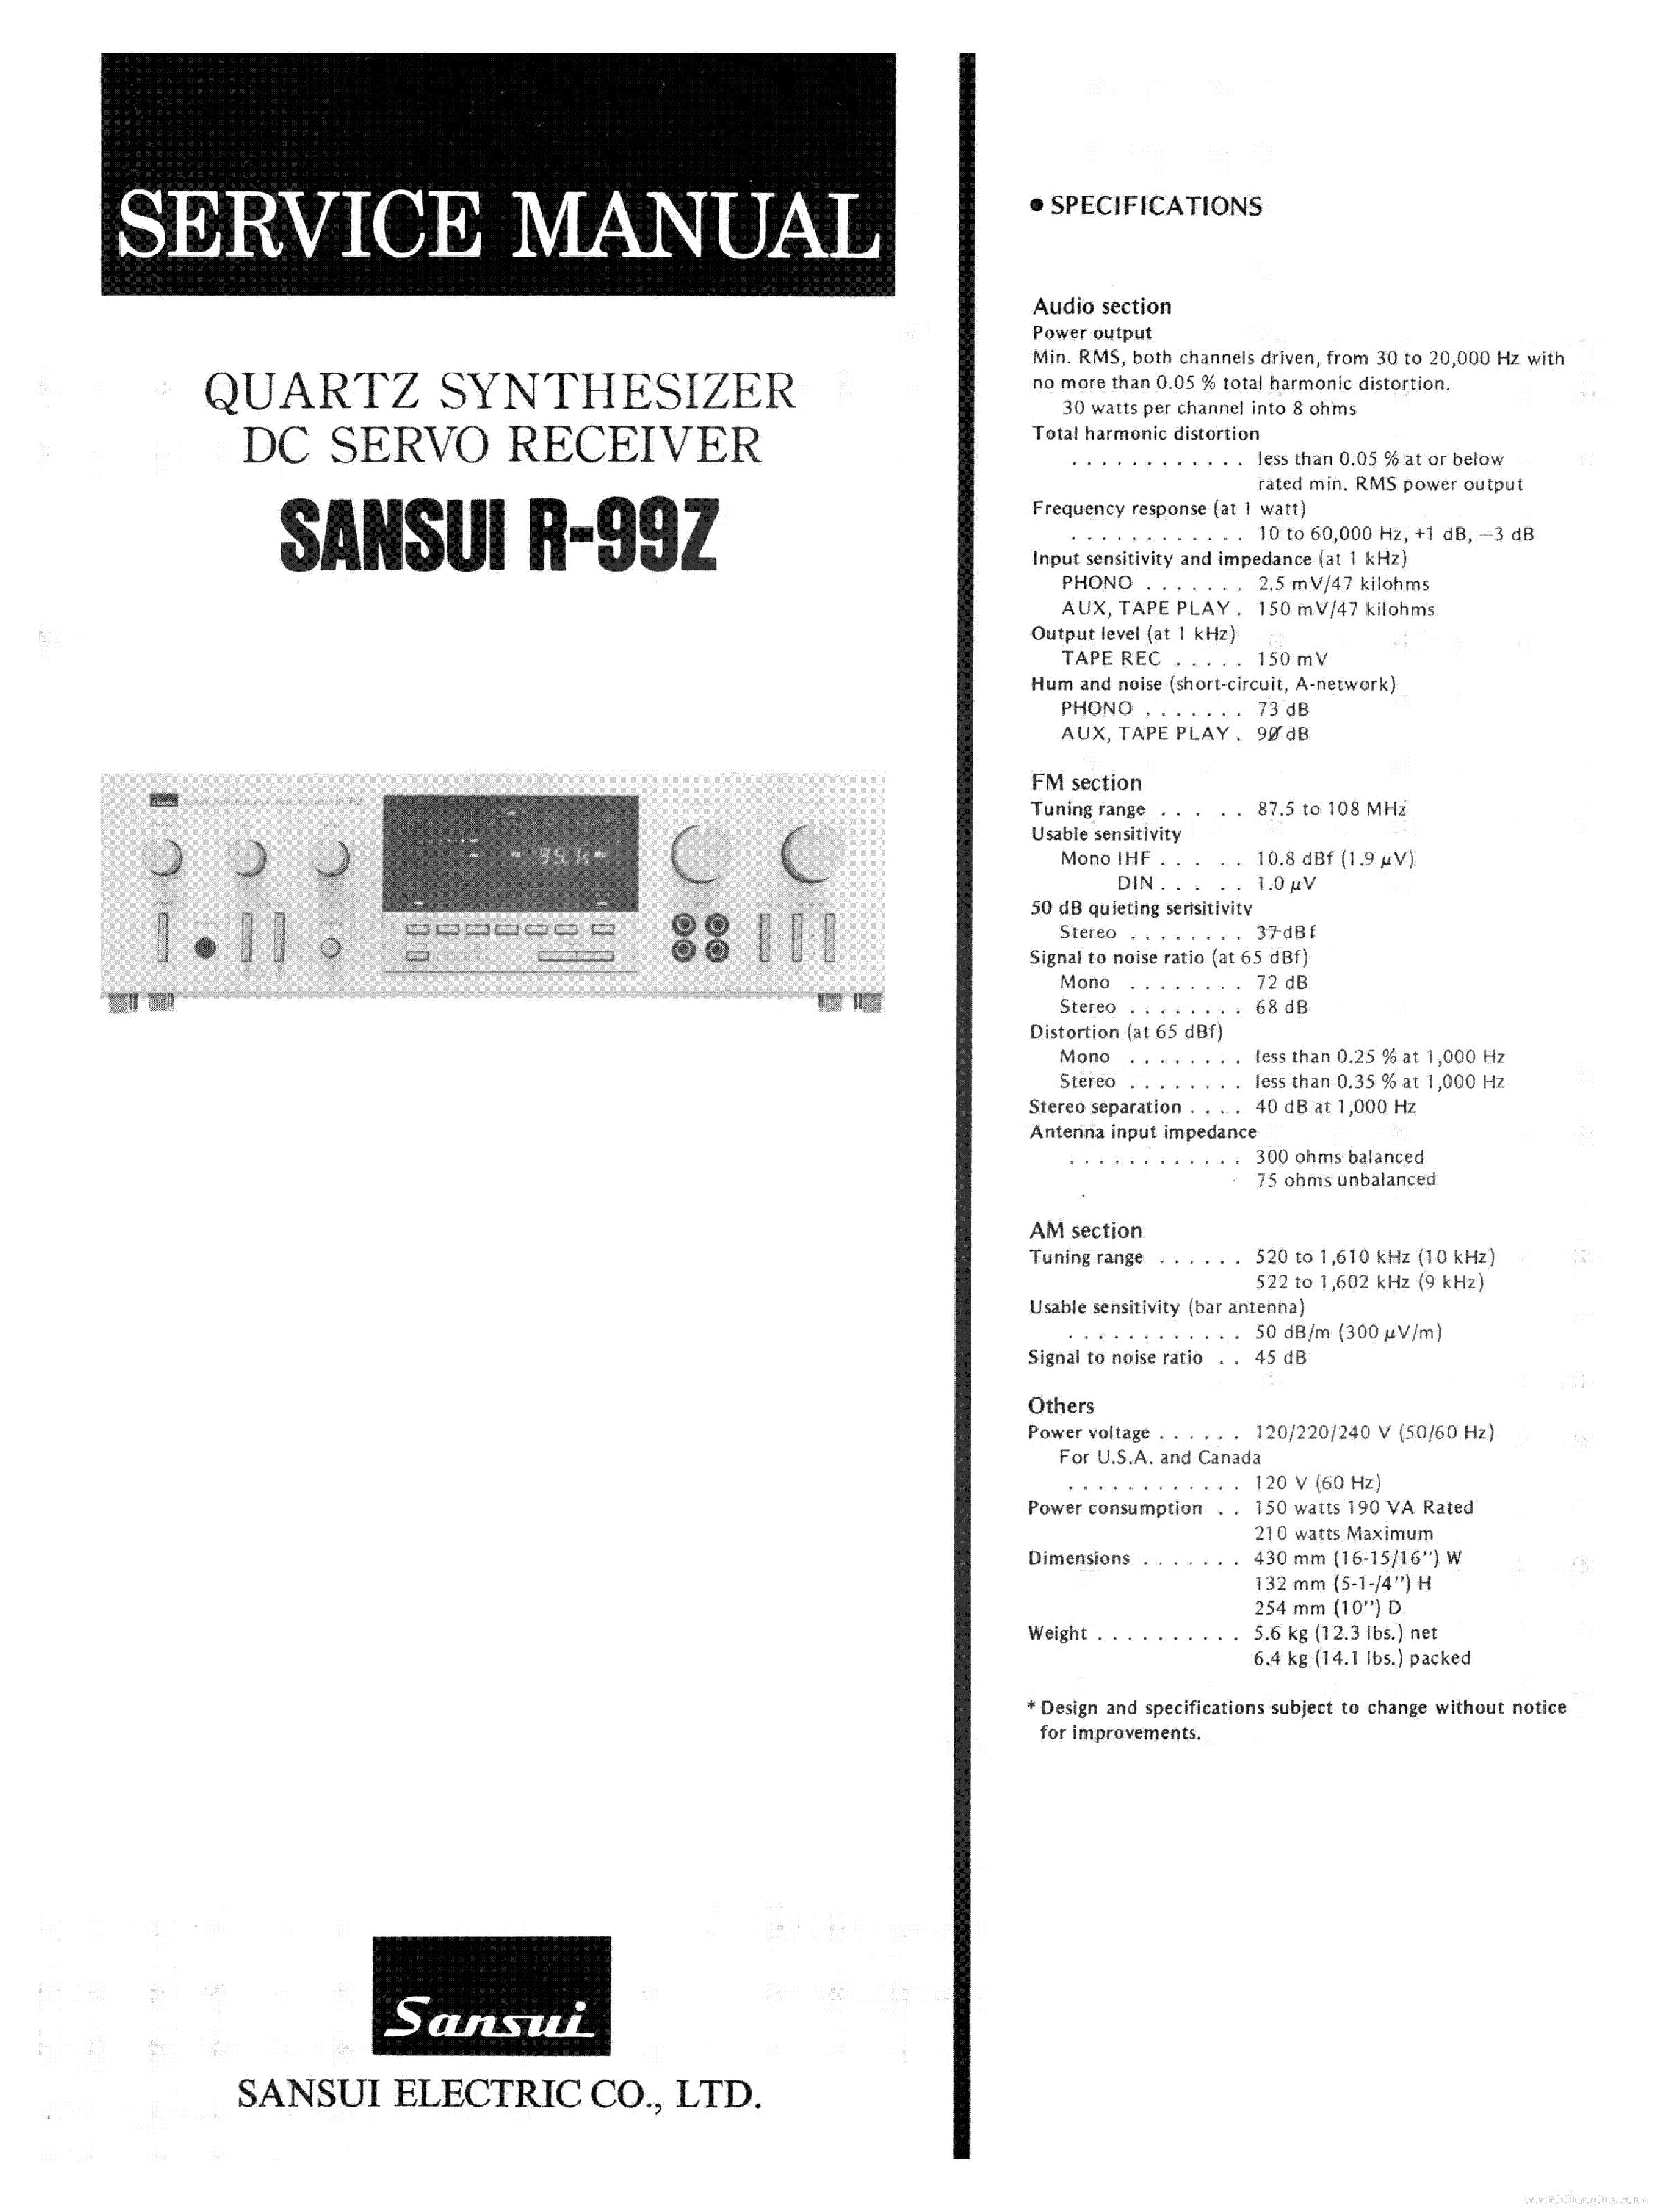 SANSUI R-99Z service manual (1st page)